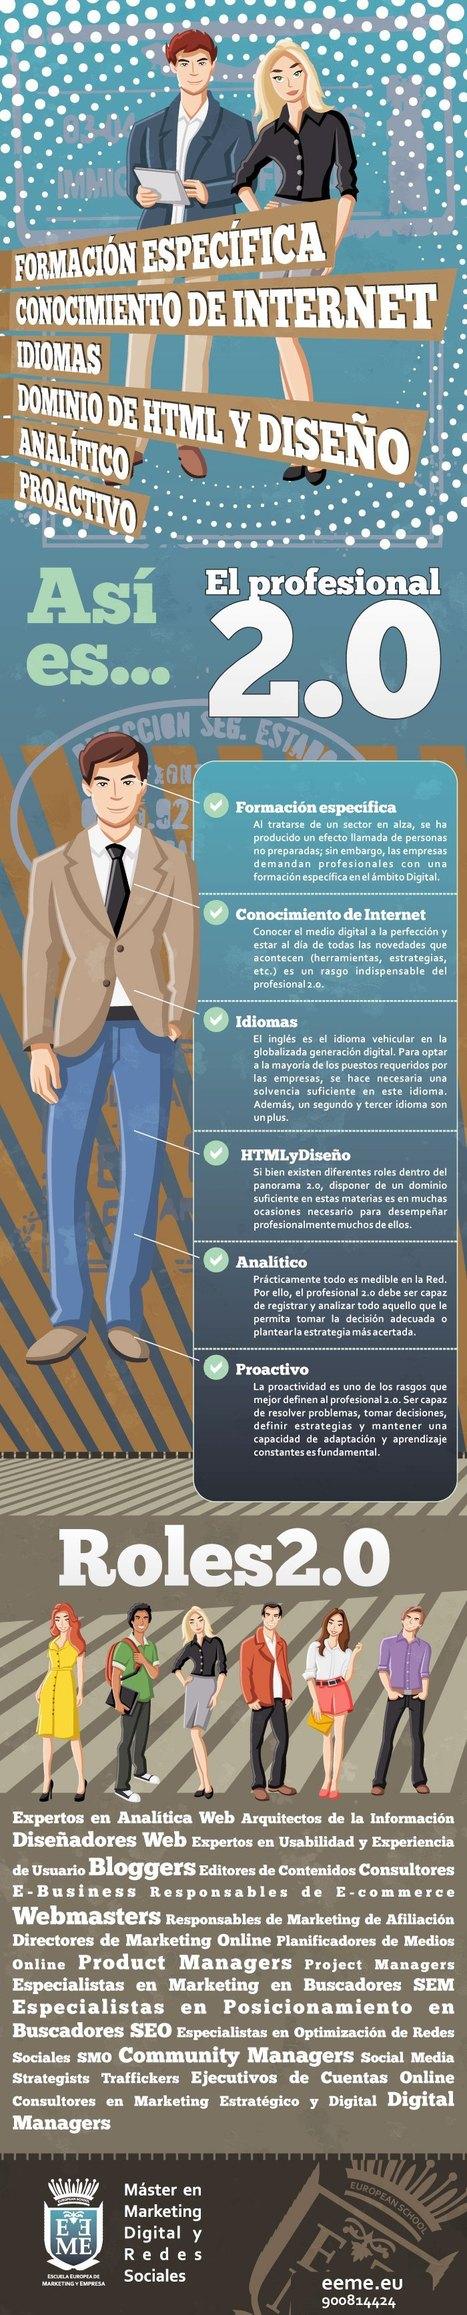 Profesional 2.0: ¿Cuáles son sus características? | TIC`s | Scoop.it